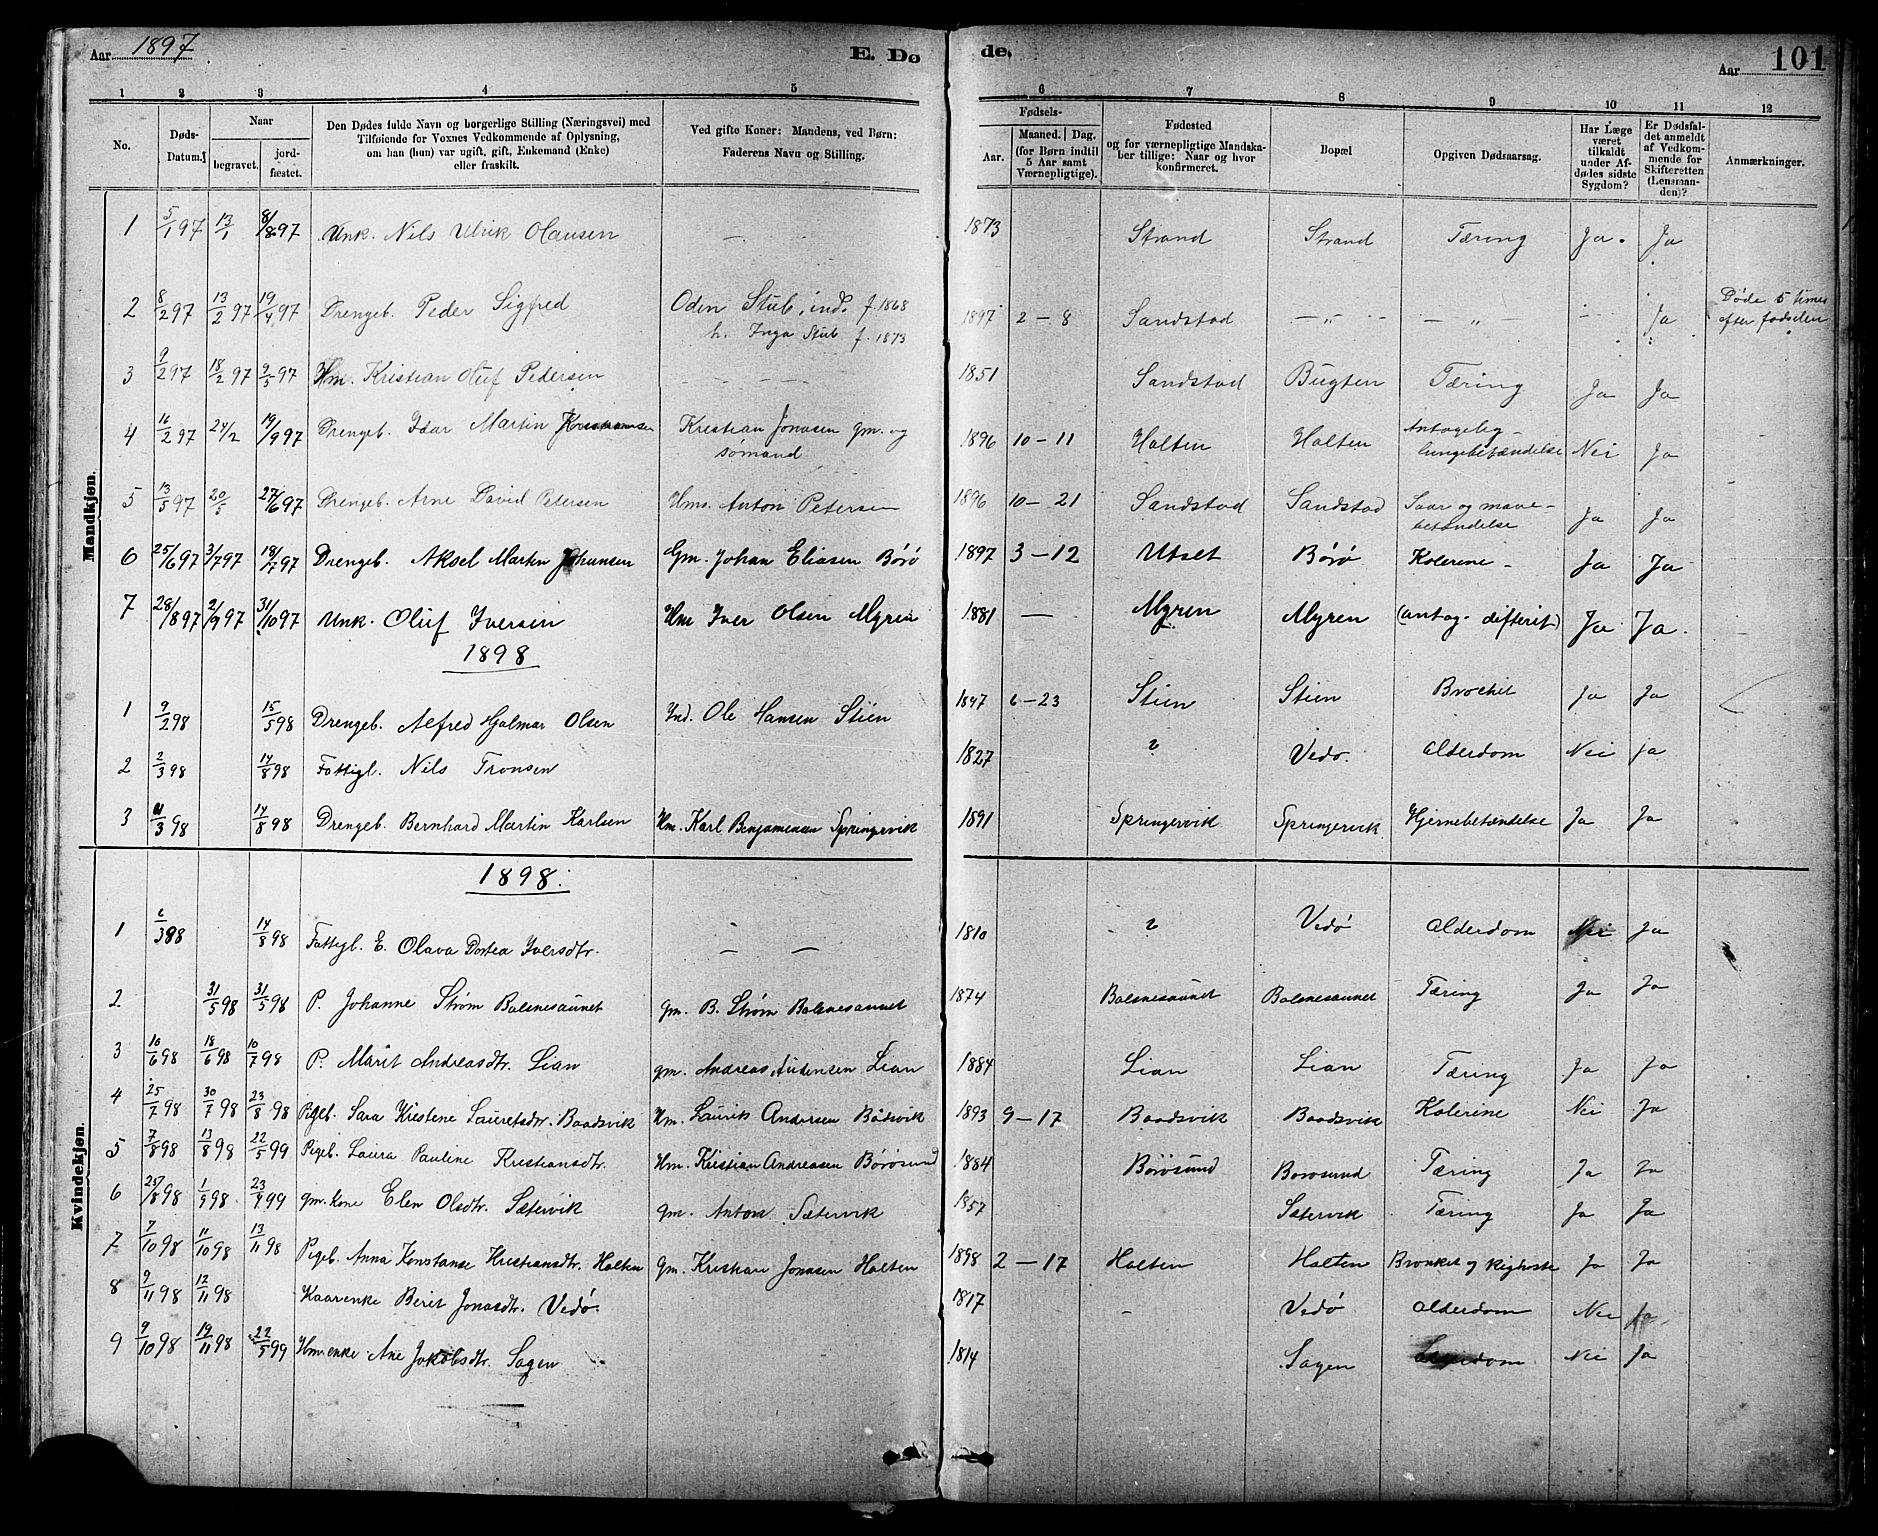 SAT, Ministerialprotokoller, klokkerbøker og fødselsregistre - Sør-Trøndelag, 639/L0573: Klokkerbok nr. 639C01, 1890-1905, s. 101